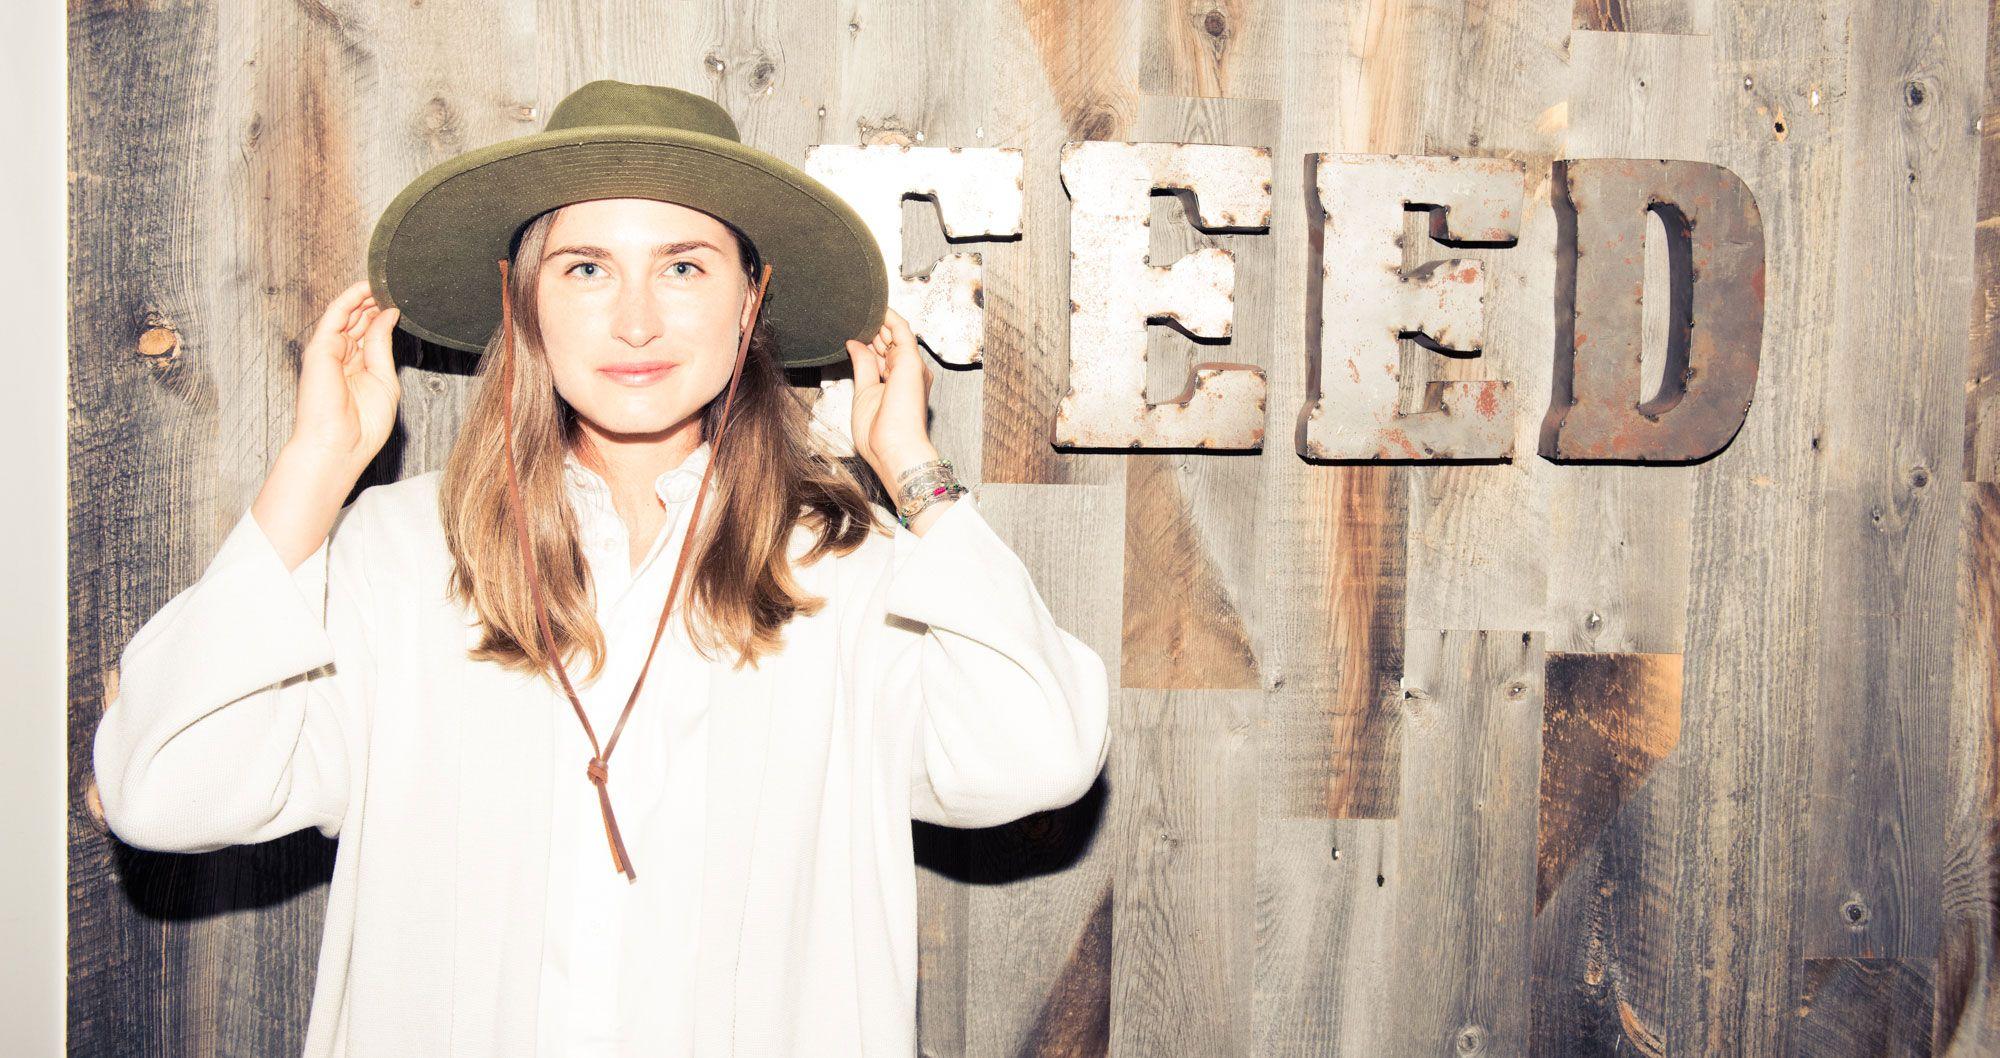 One-On-One With FEED's Lauren Bush Lauren